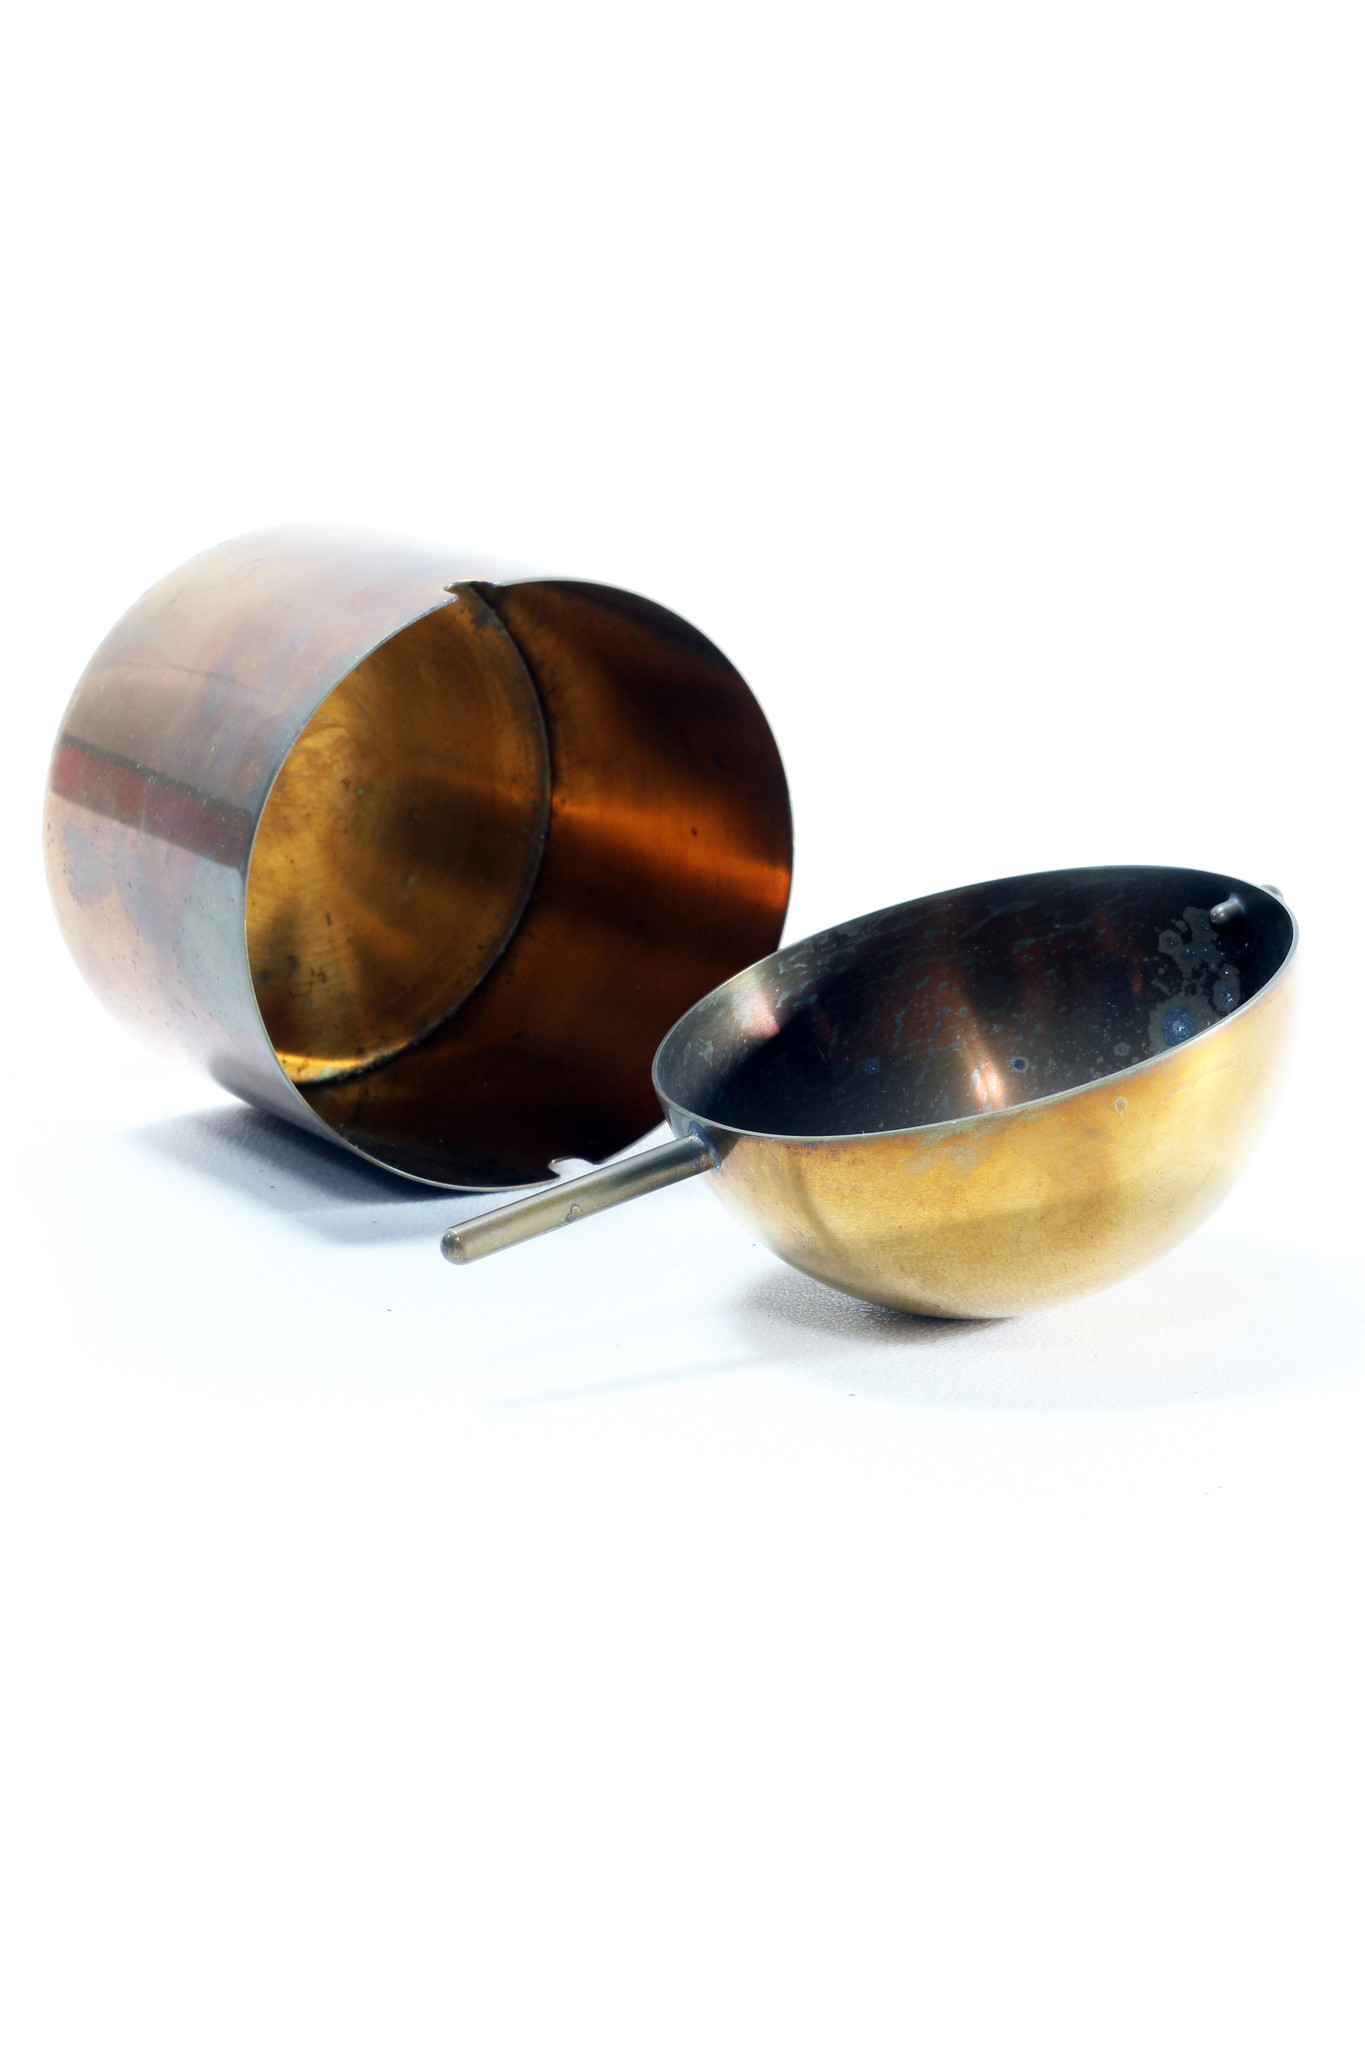 The classic tilting ashtray from Arne Jacobsen for Stelton